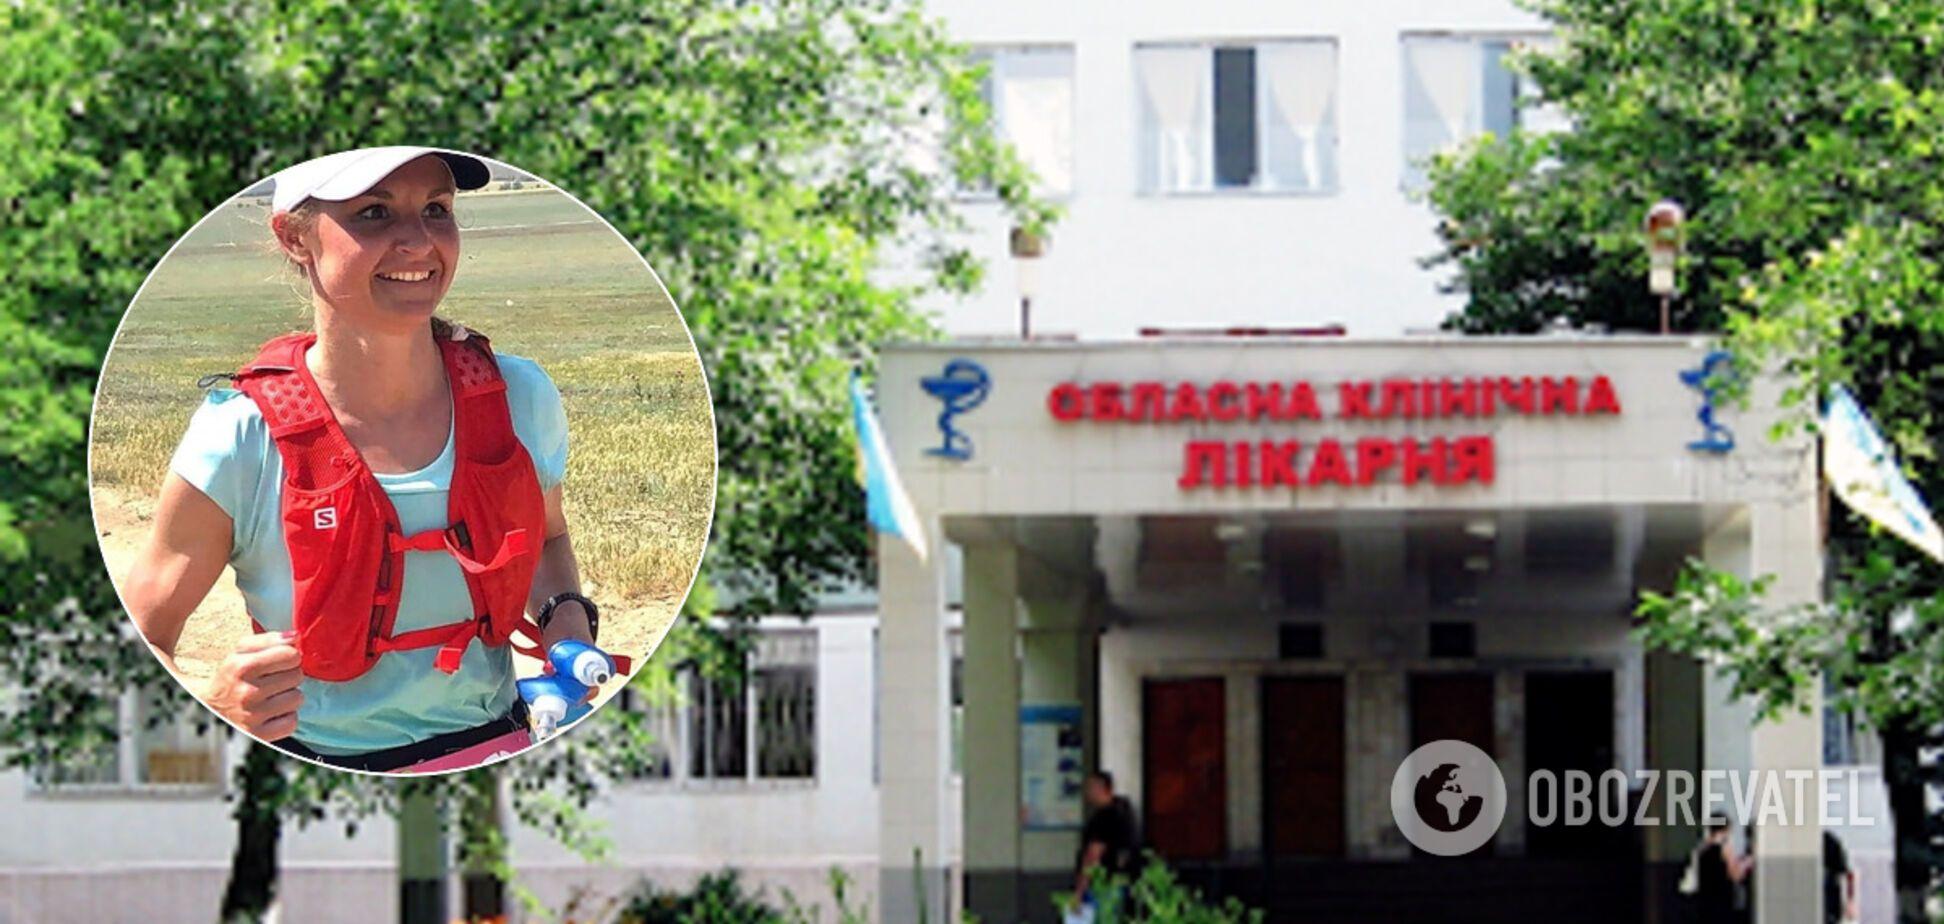 Смерть спортсменки Катющевої під Одесою: поліція дізналася про трагедію зі ЗМІ